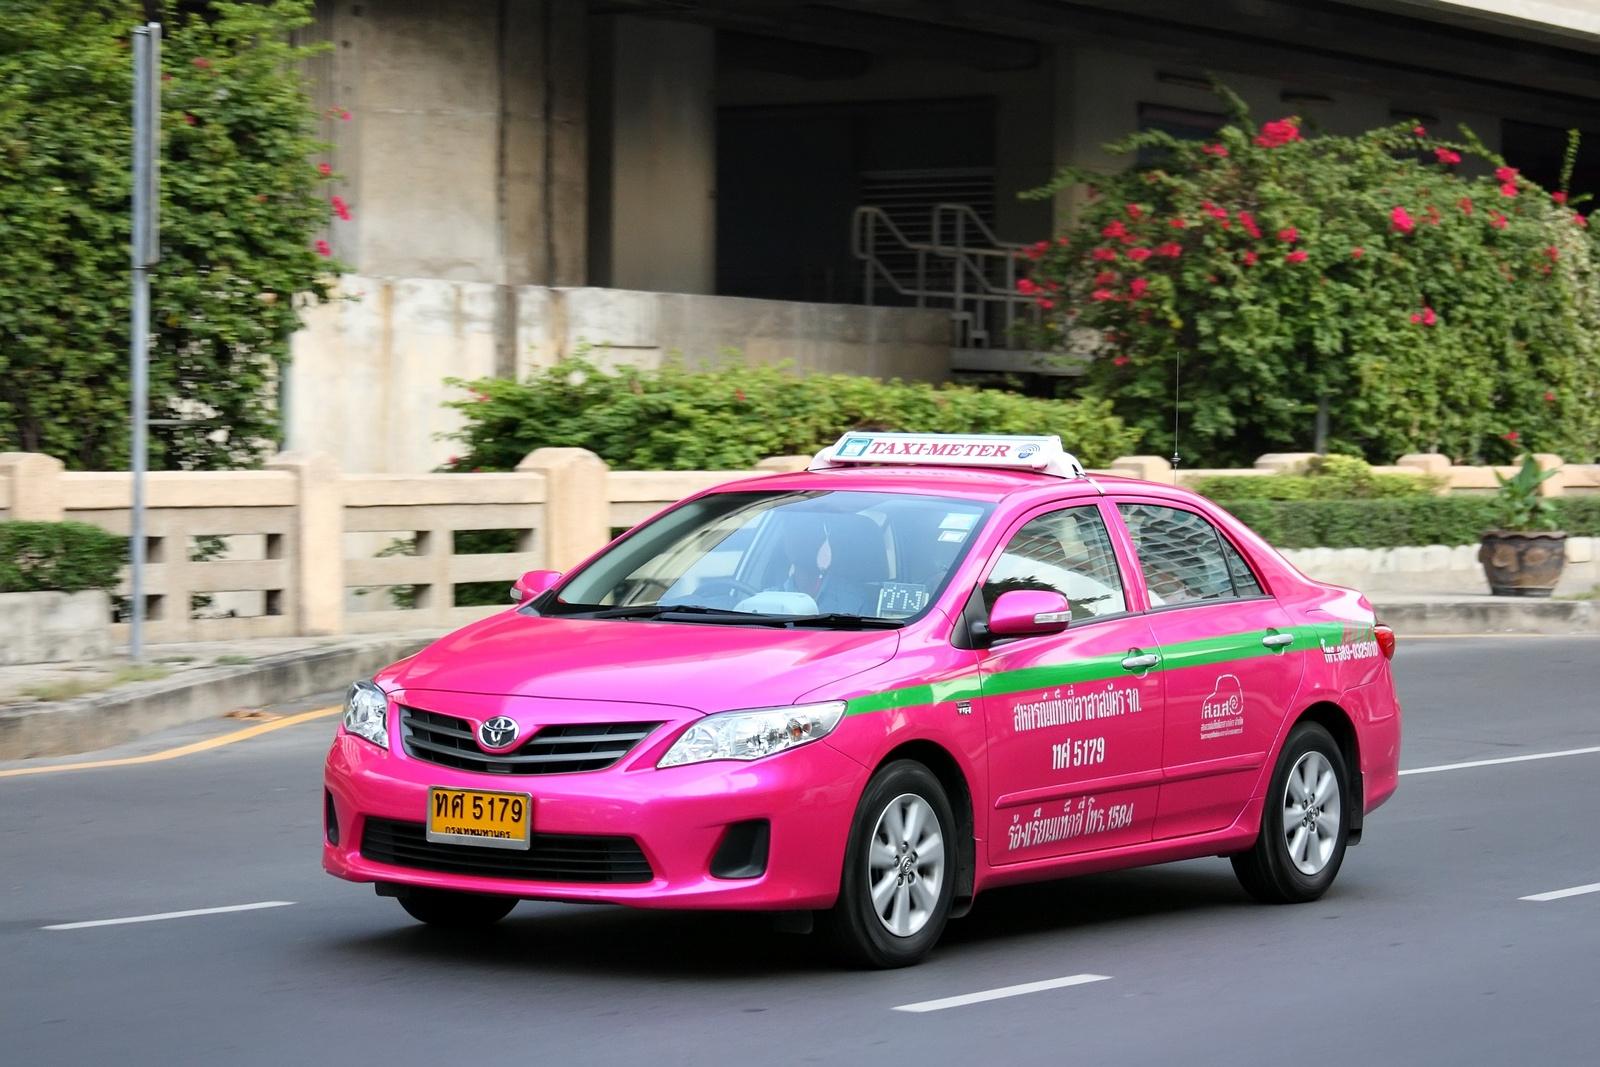 Taxi-meter_in_Bangkok_08